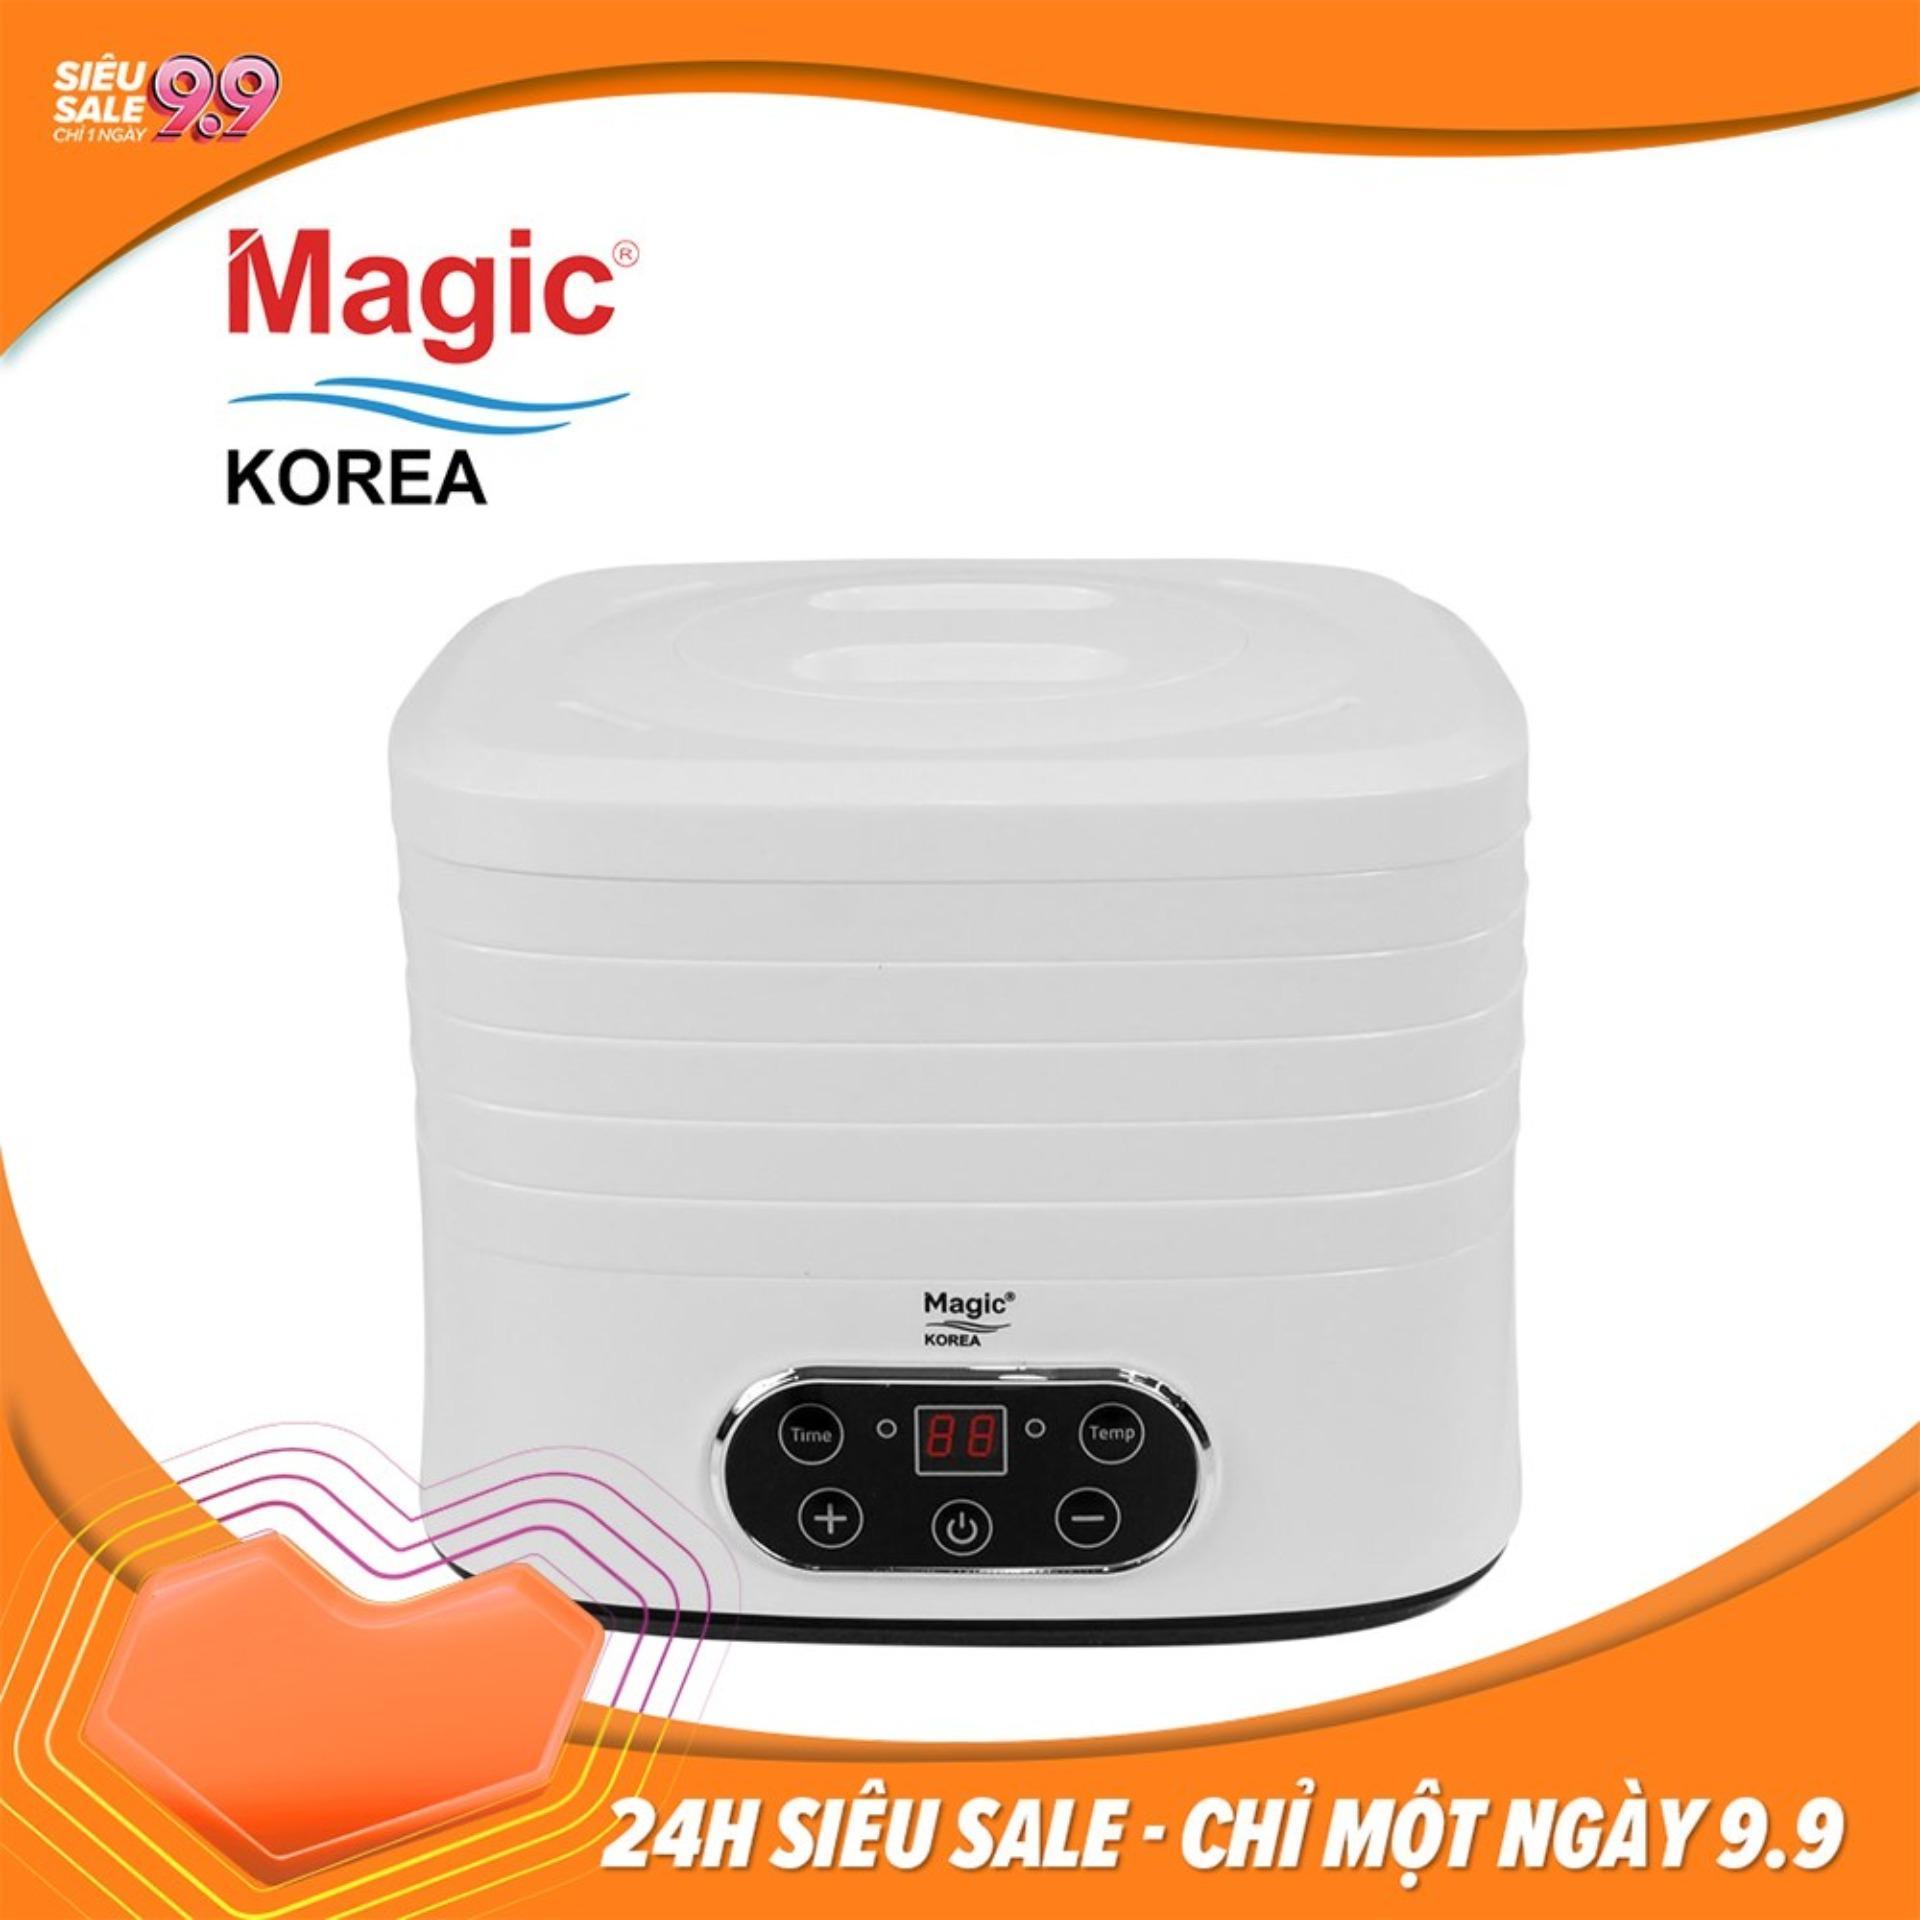 Máy sấy Thực Phẩm Magic A73 (5 khay -10L)